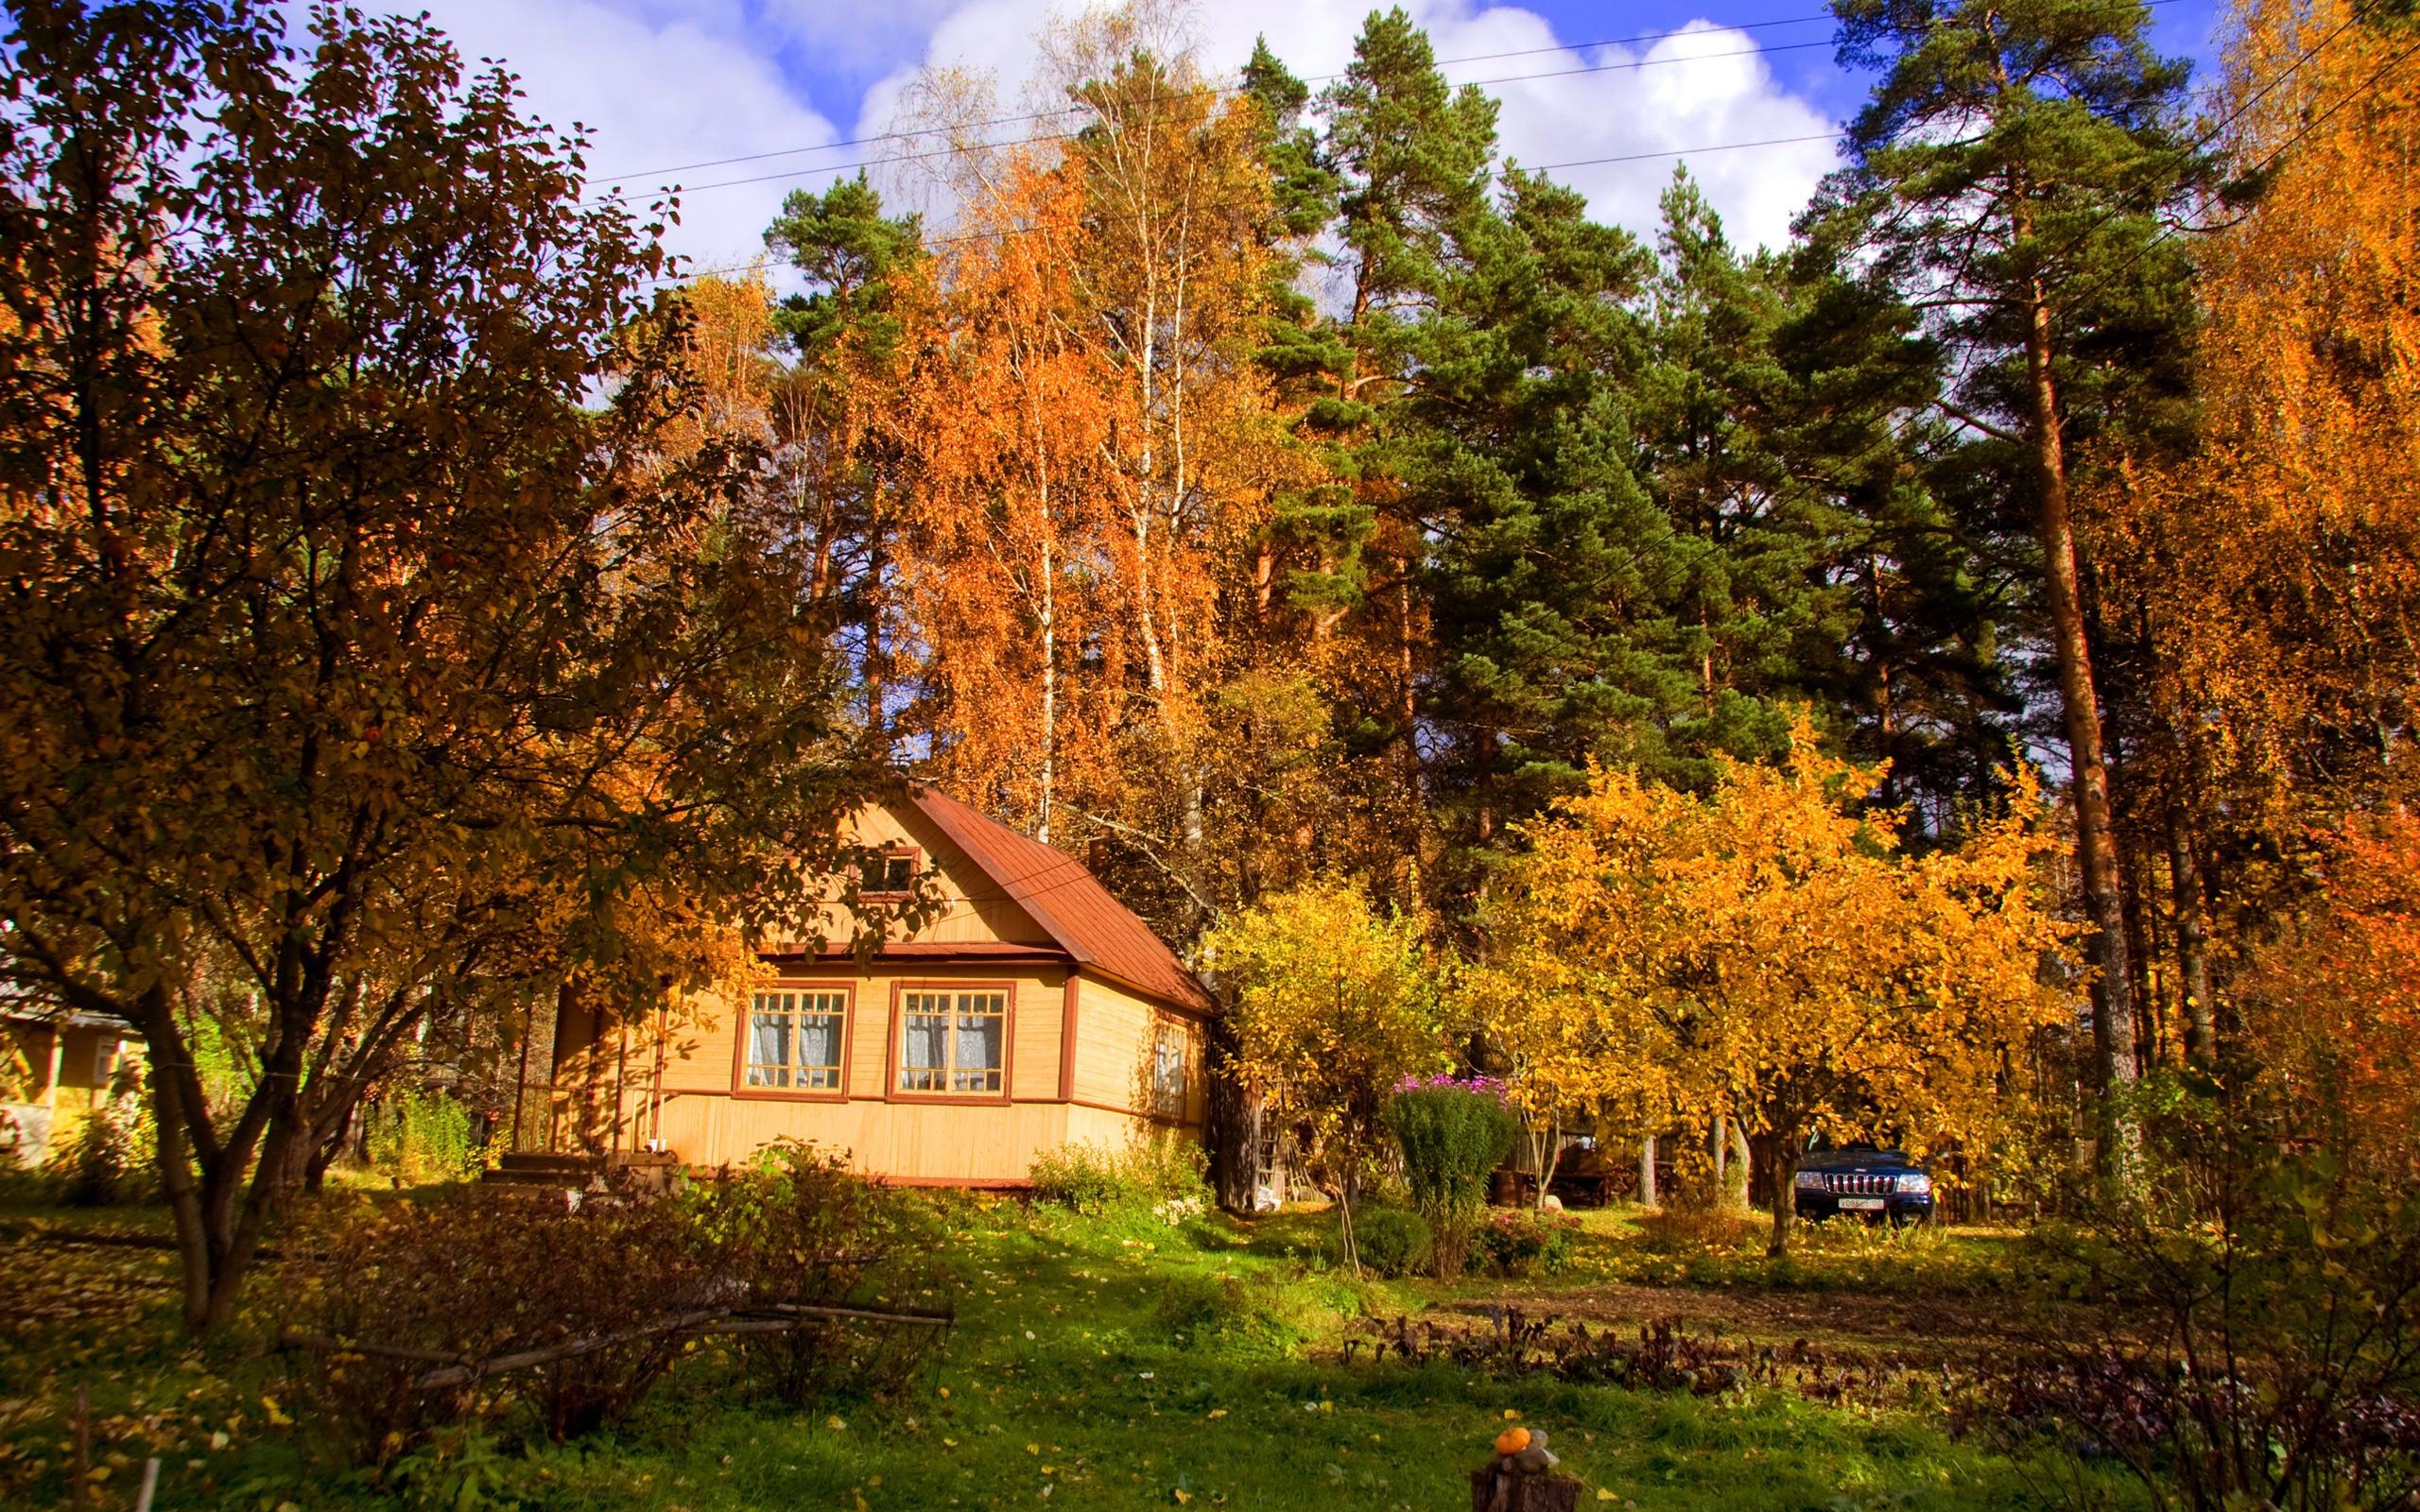 картинки осень на загородном доме этом основании